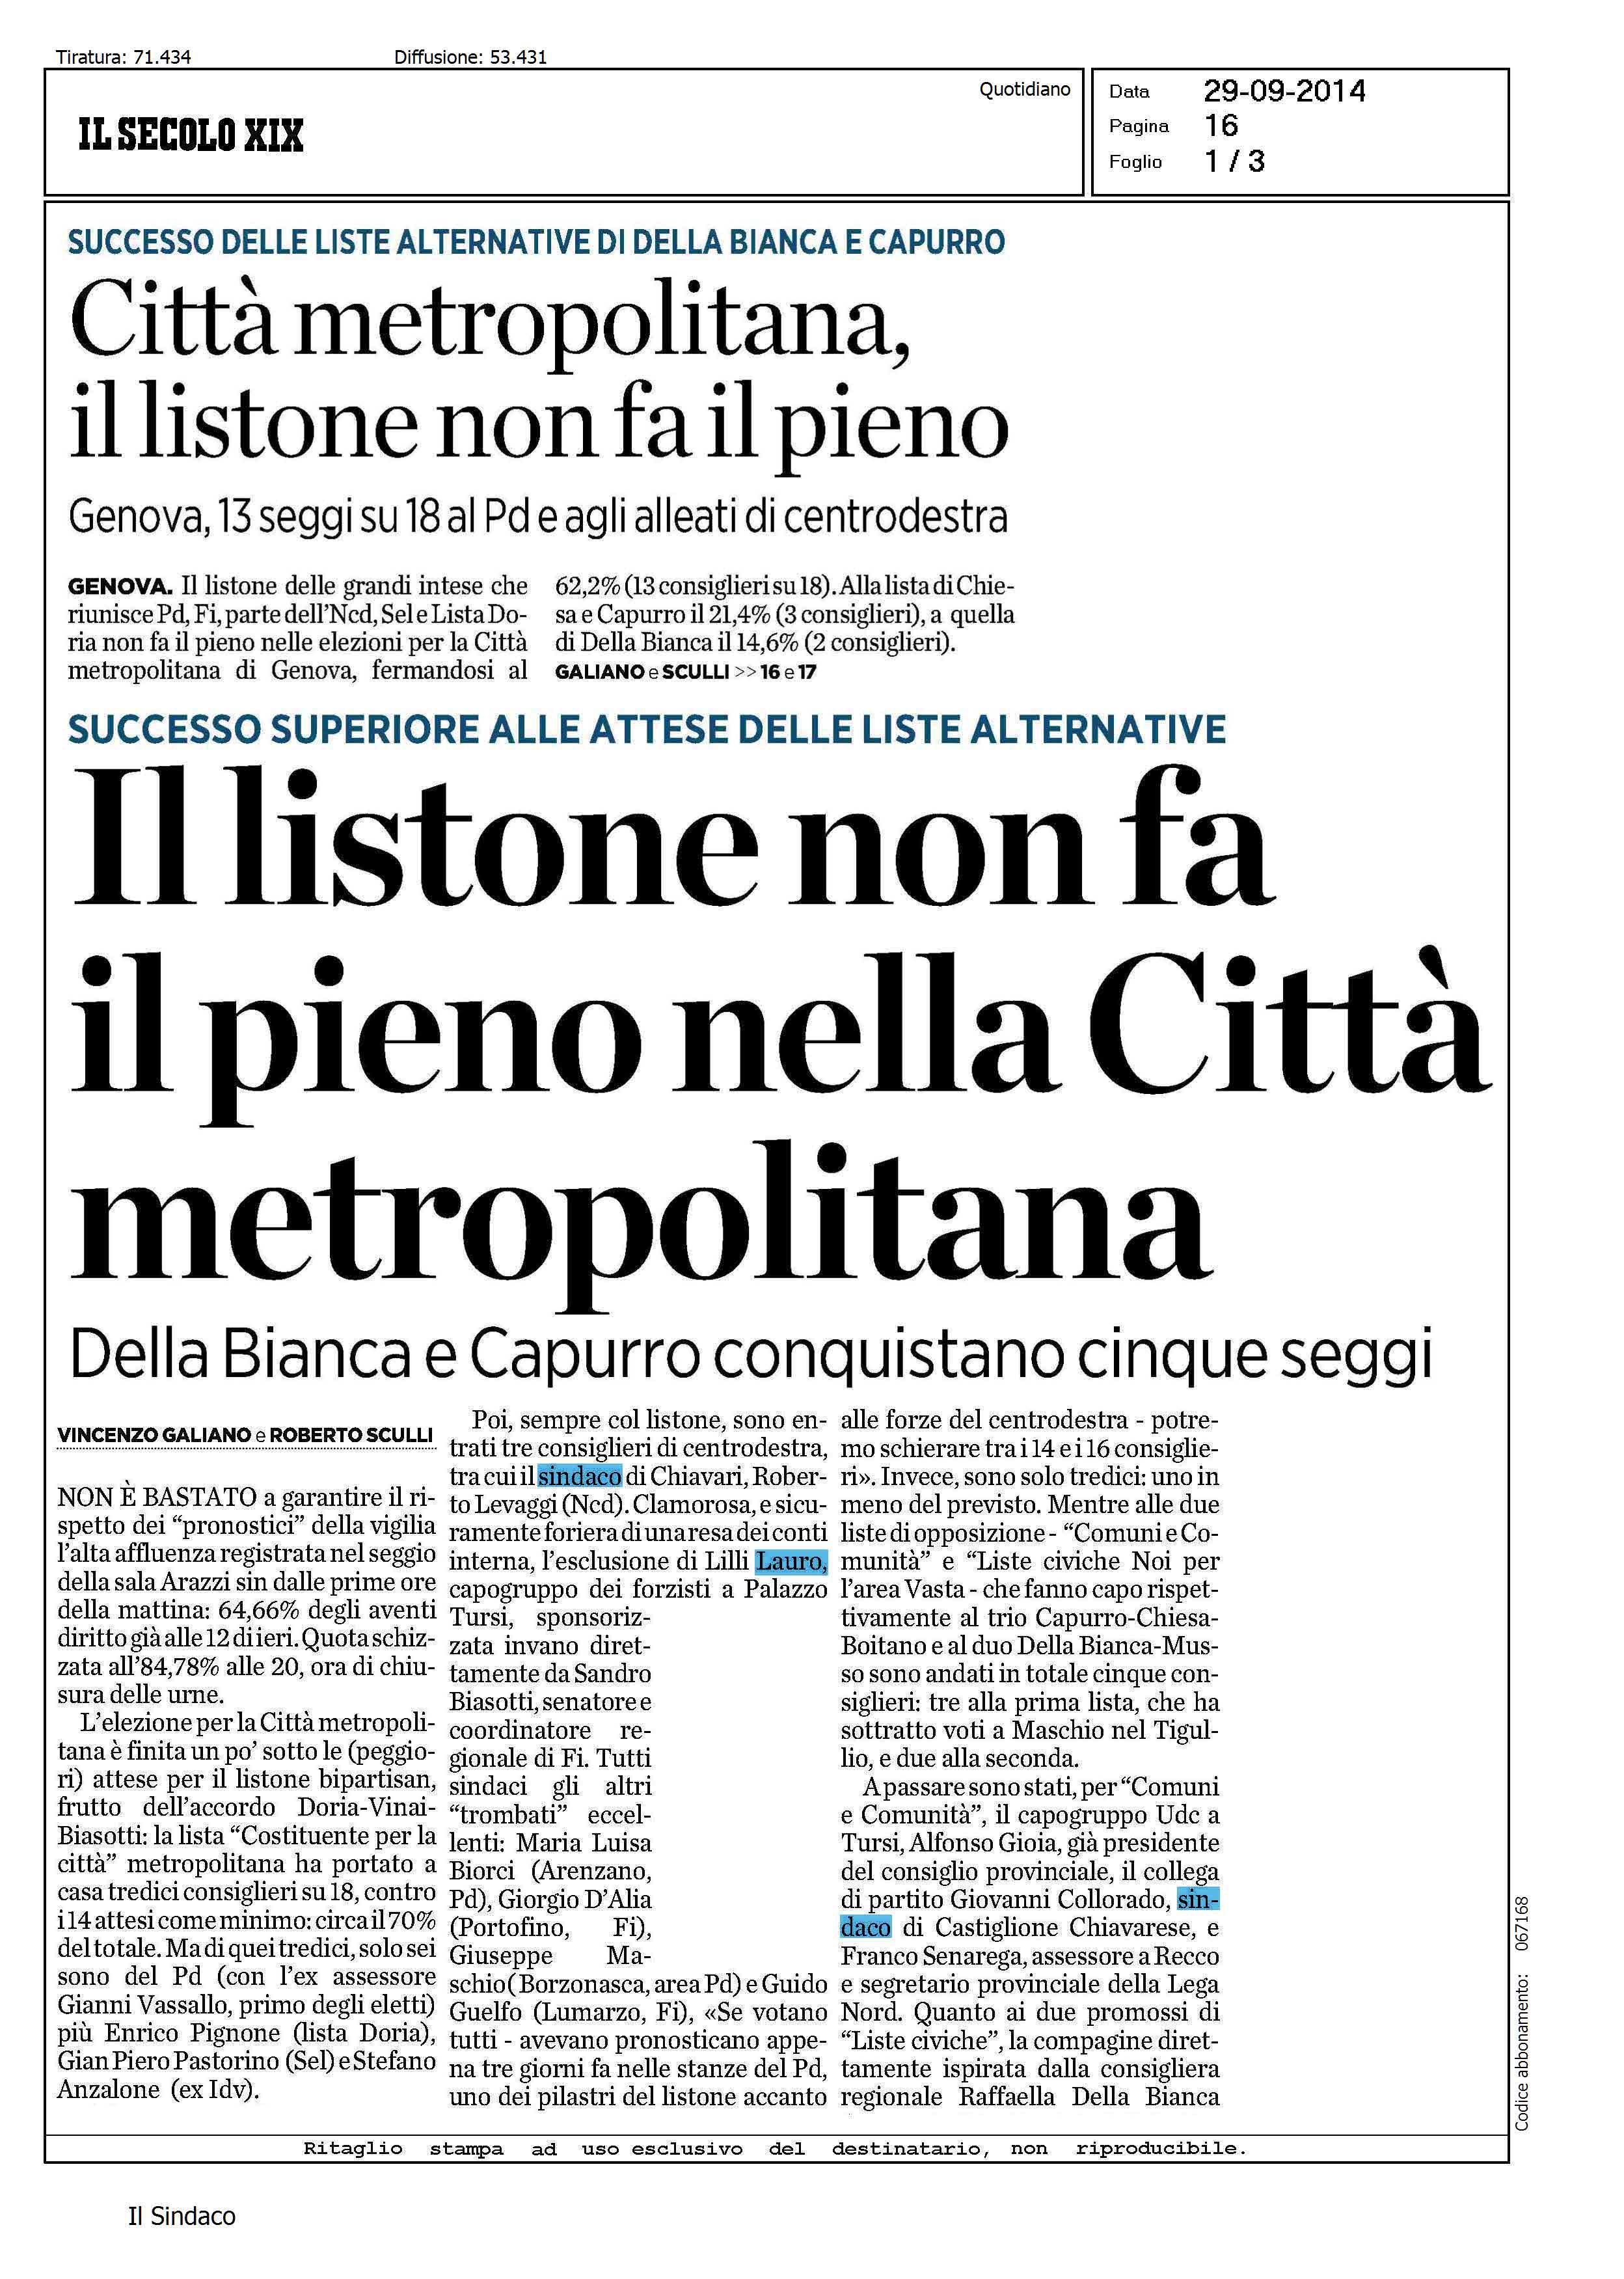 29 09 2014 Rassegna stampa – Il Listone non fa il pieno nella Citt Metropolitana